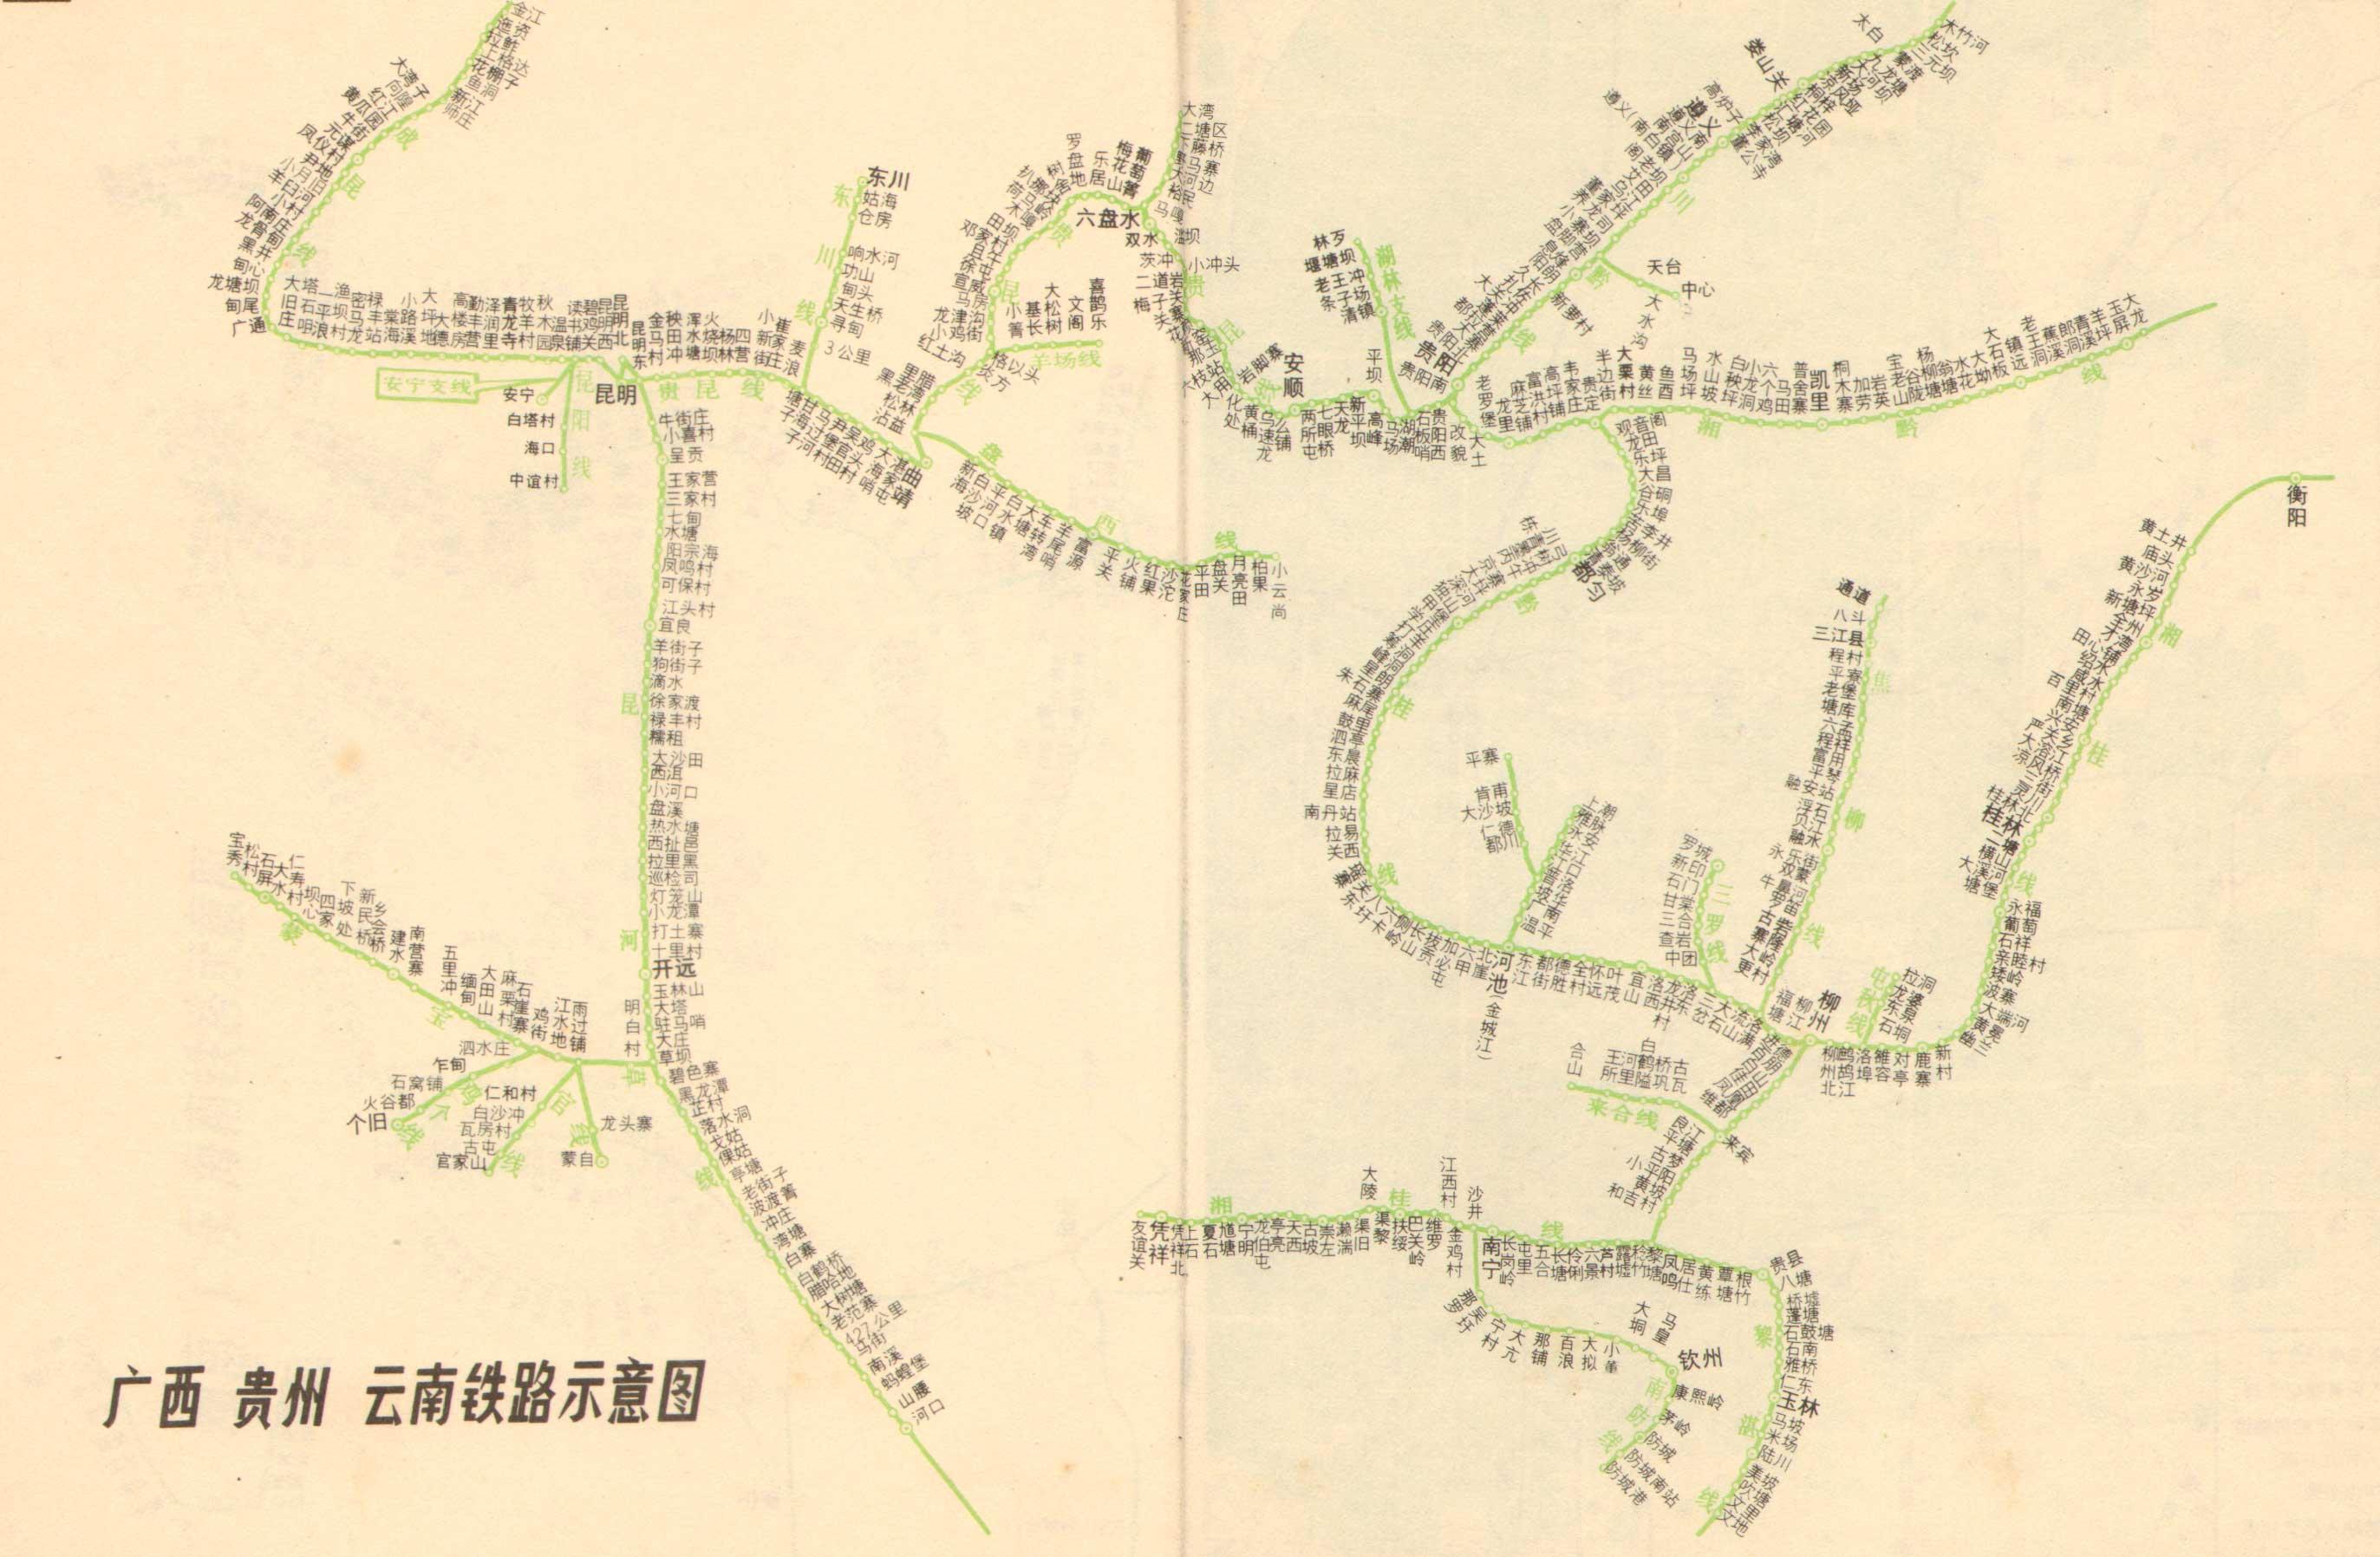 铁路线路图 >> 广西贵州云南铁路线路图  上一张地图: 湖南广东海南